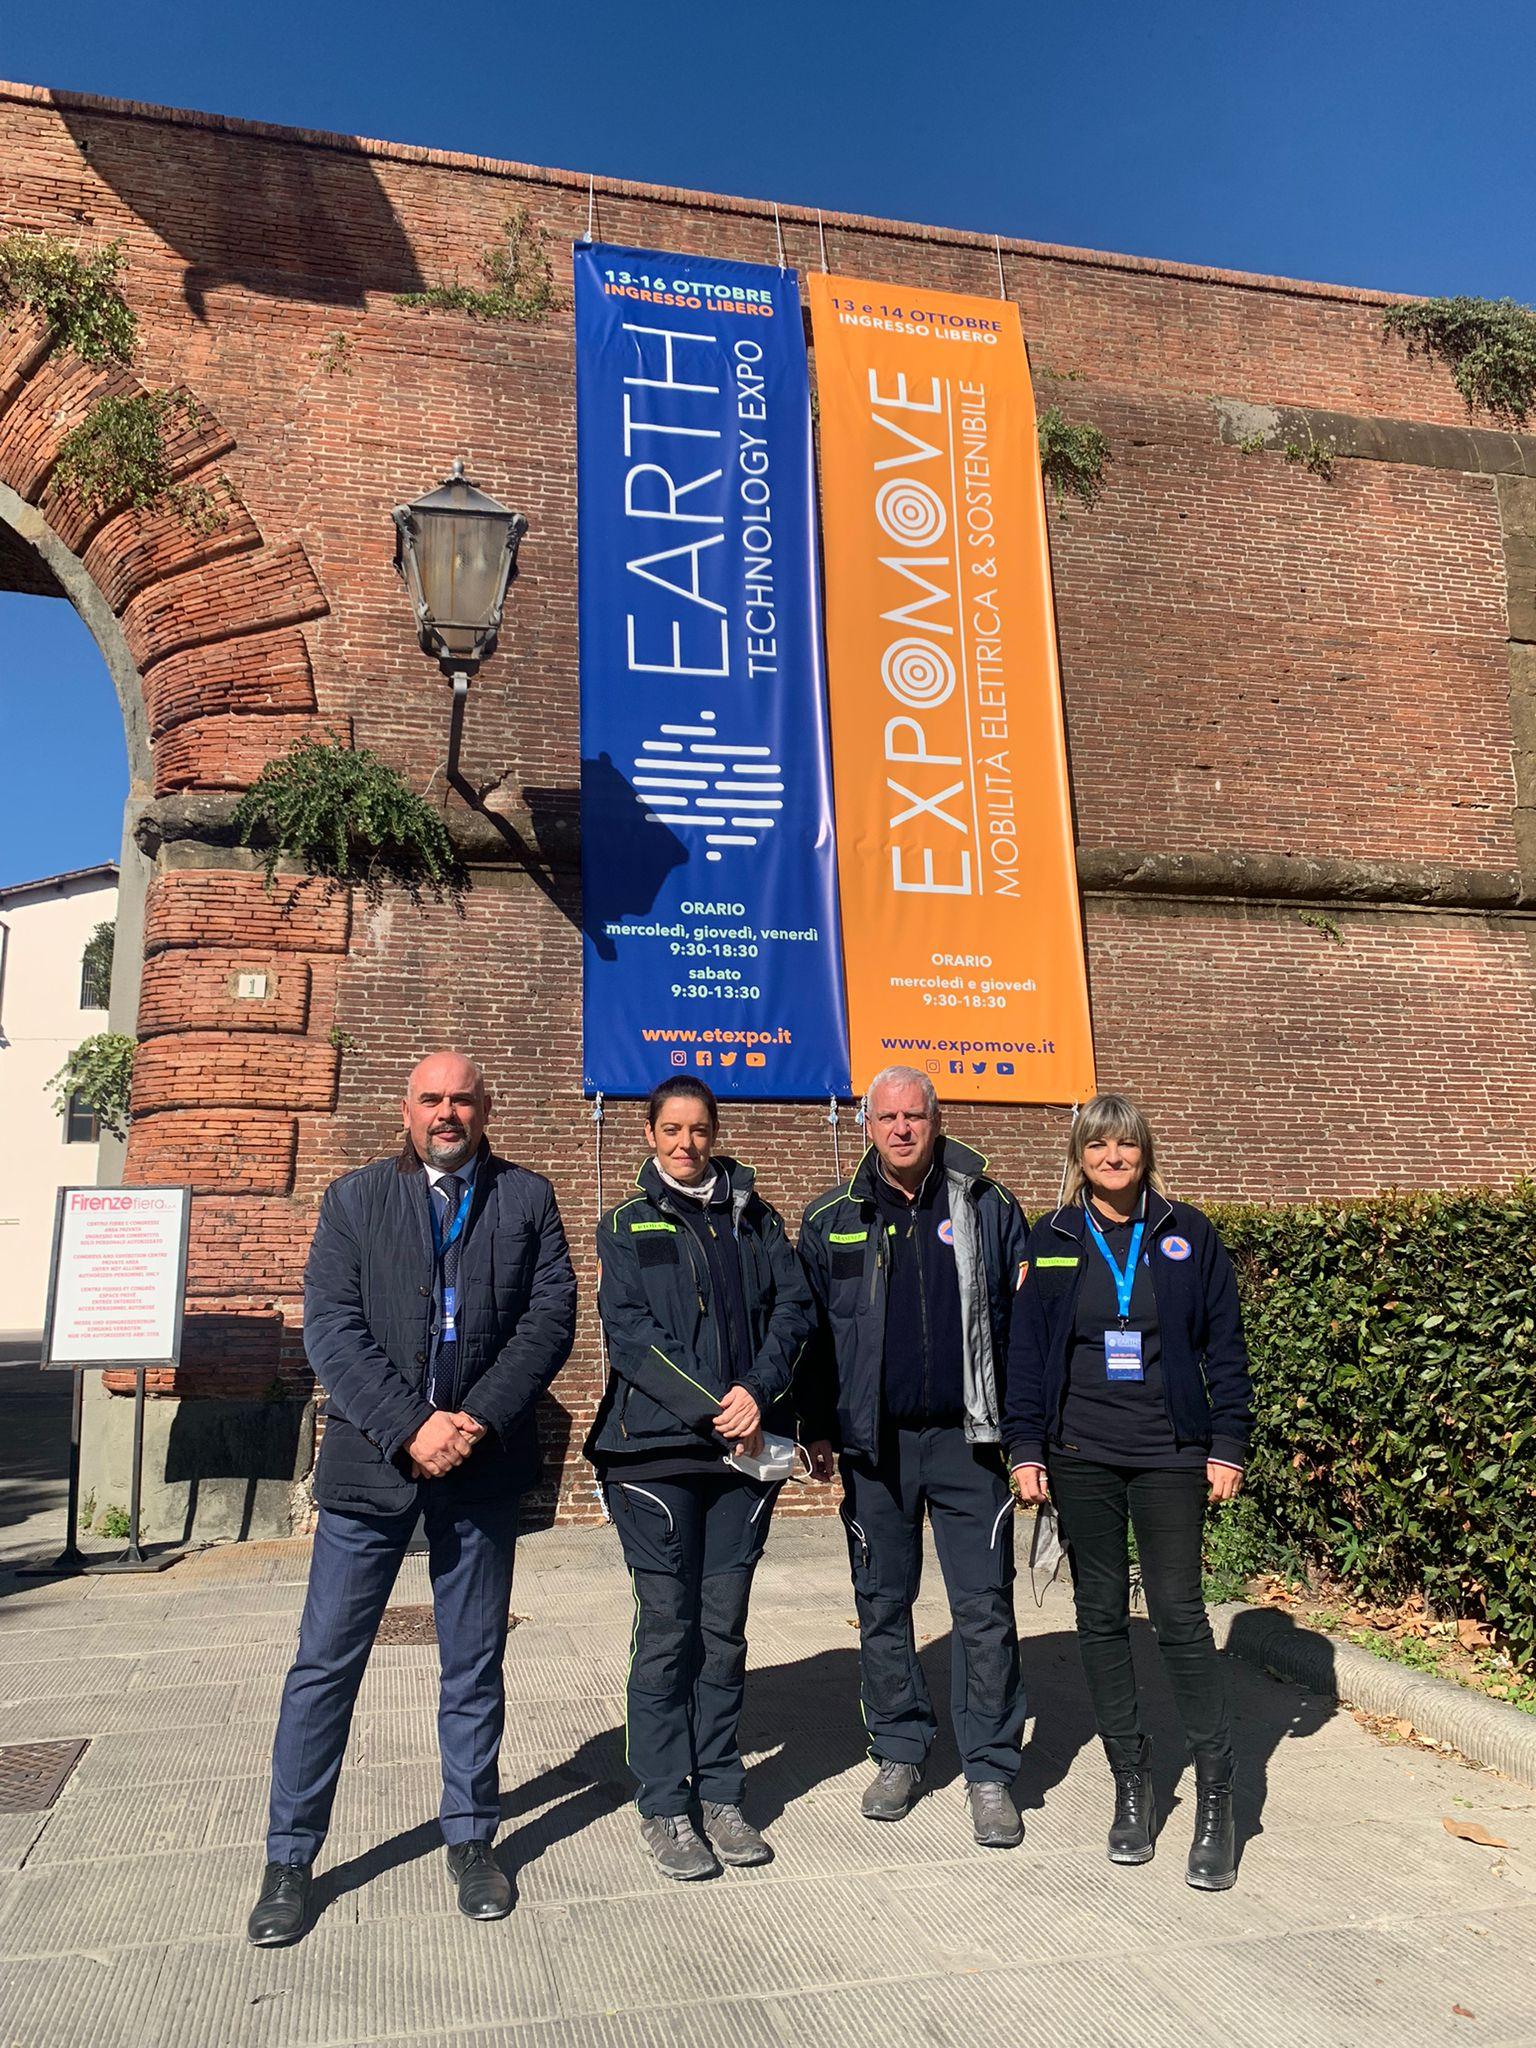 La Protezione Civile dell'Empolese Valdelsa presenta i suoi progetti a Earth Tecnology Expo